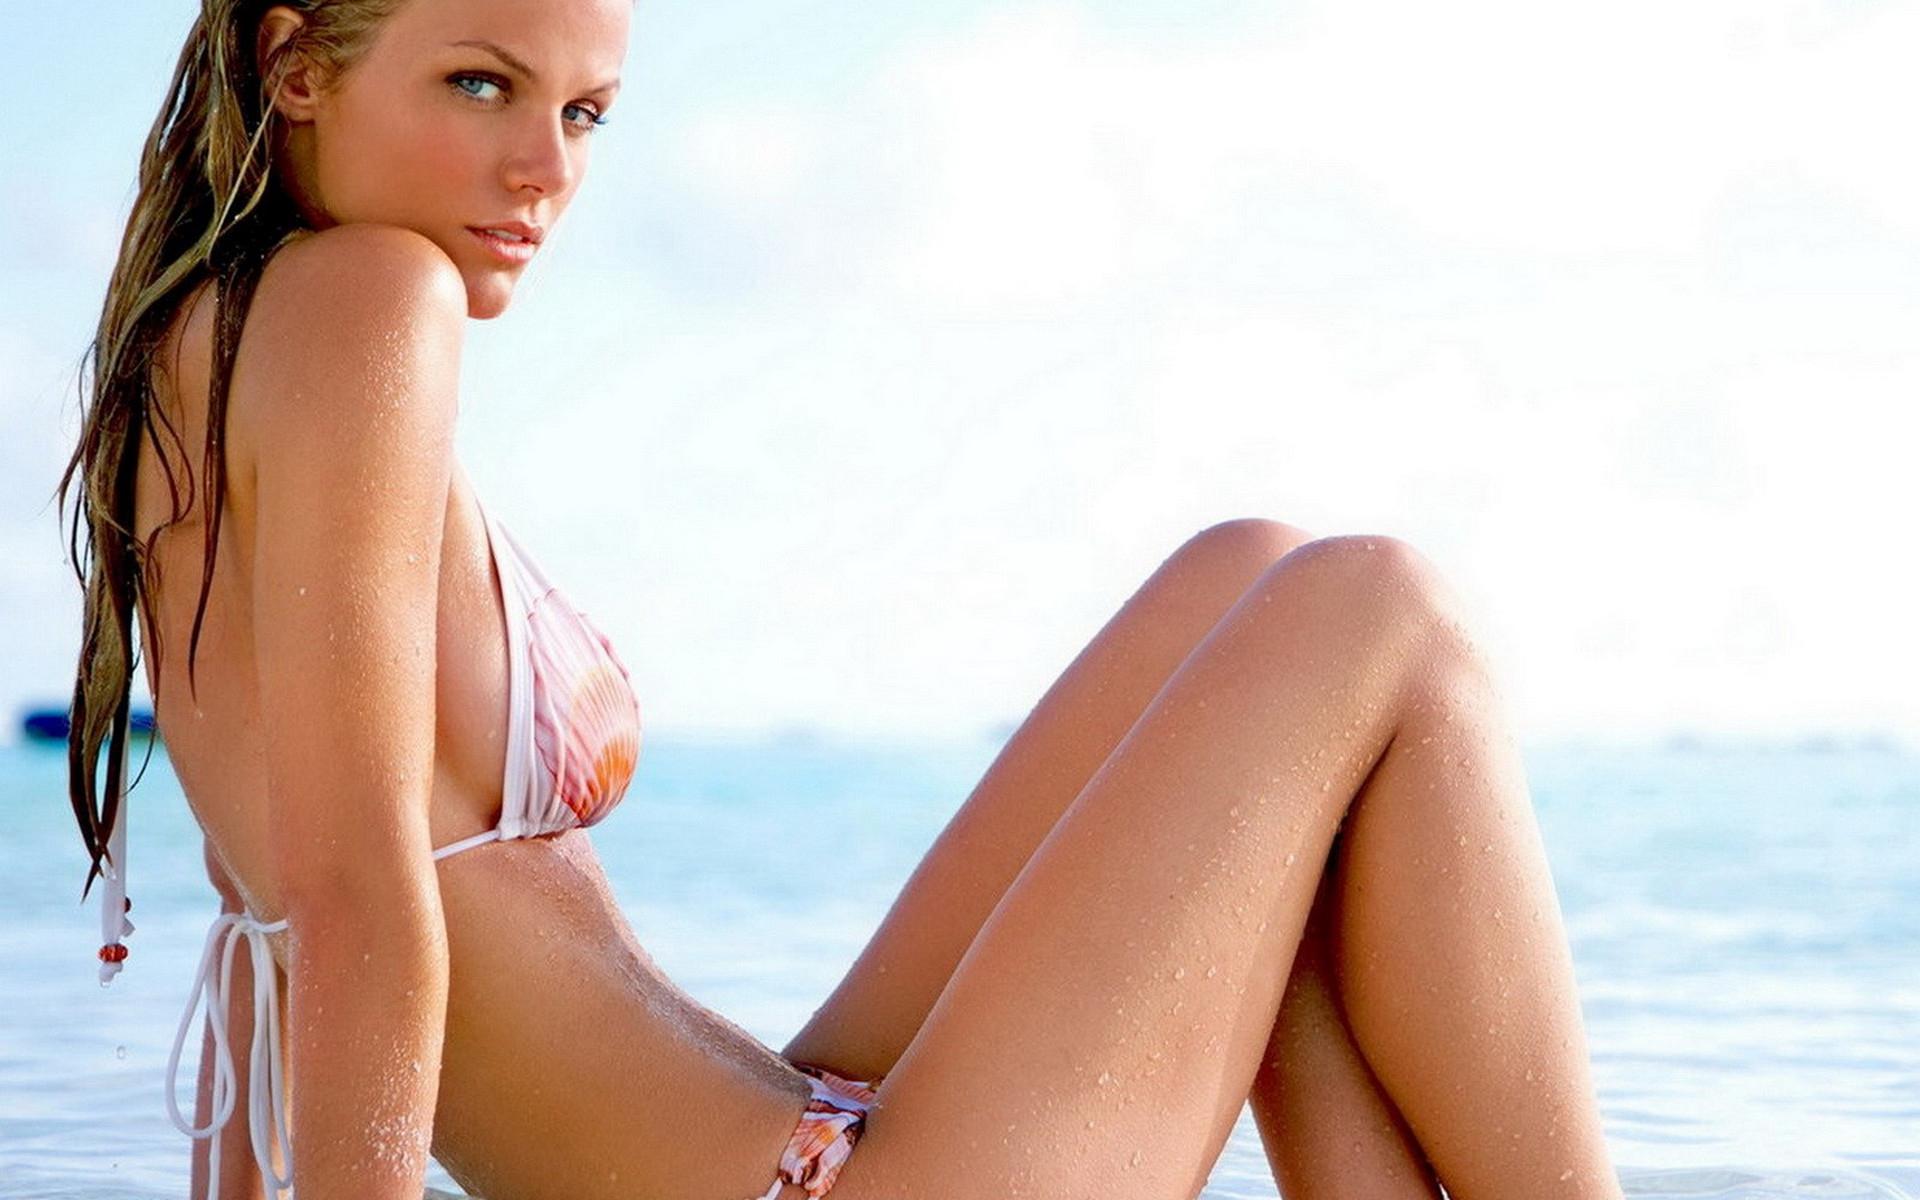 Самая сладкая голая девочка фото, Завораживающие фото обнаженных девушек от 25 фотография